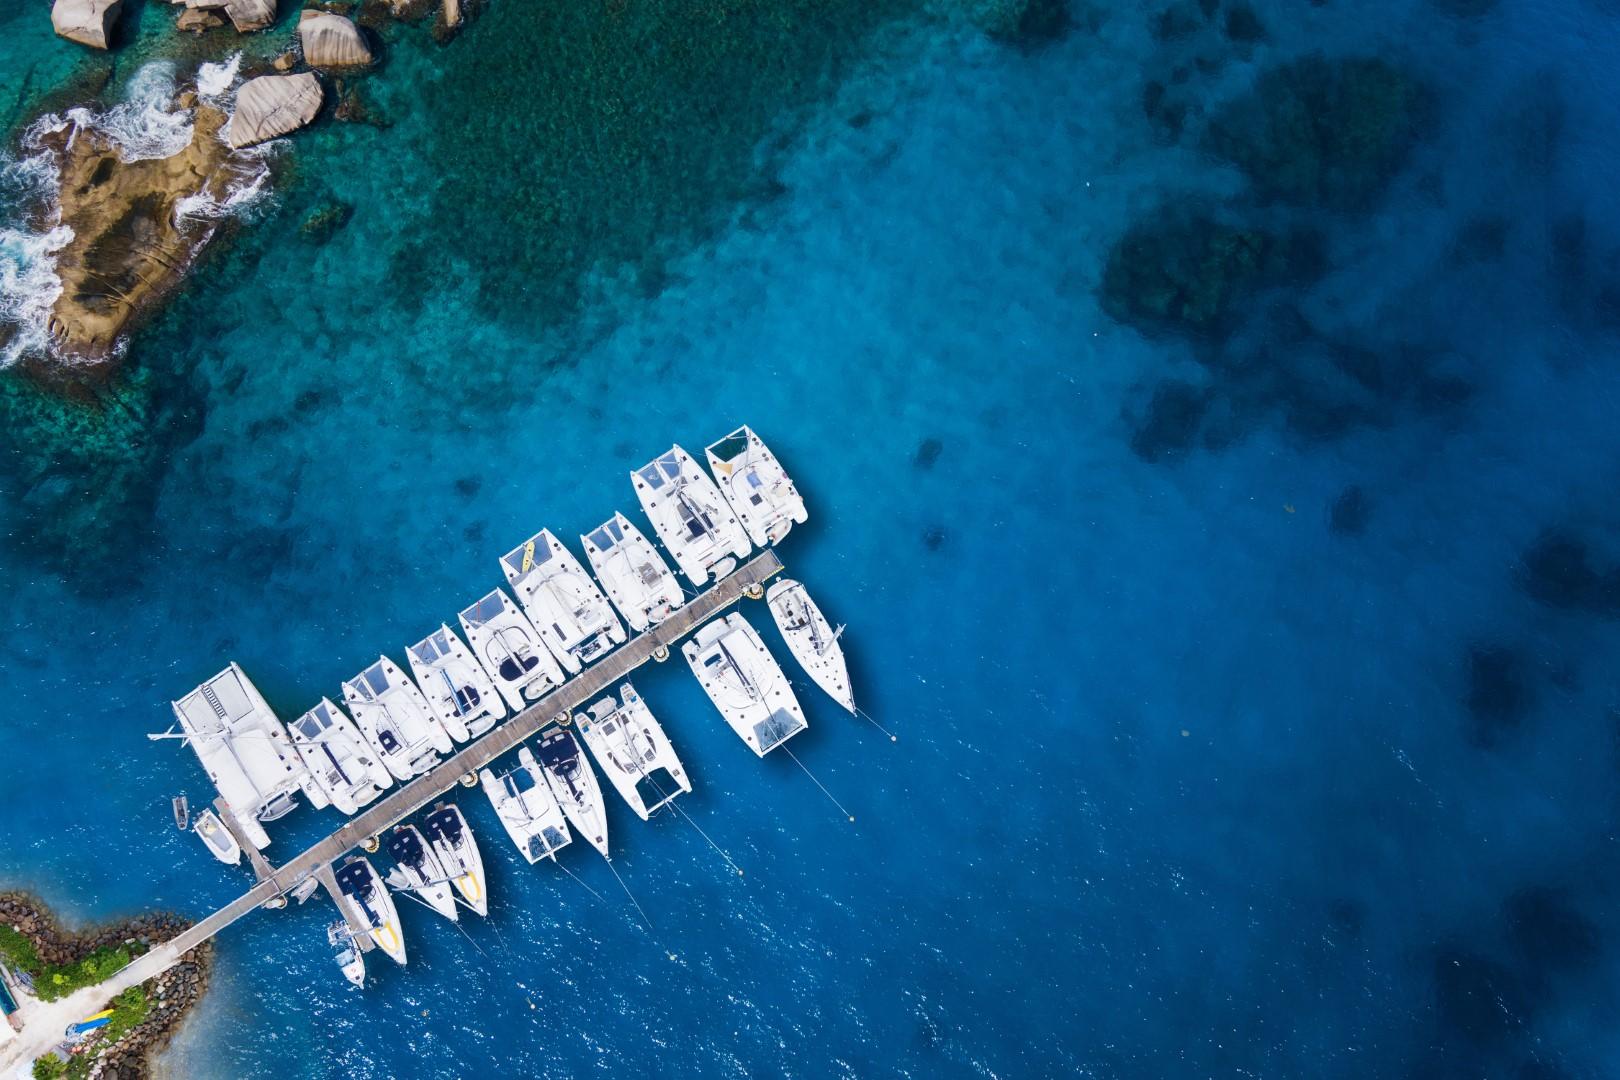 Marina, Book a berth online